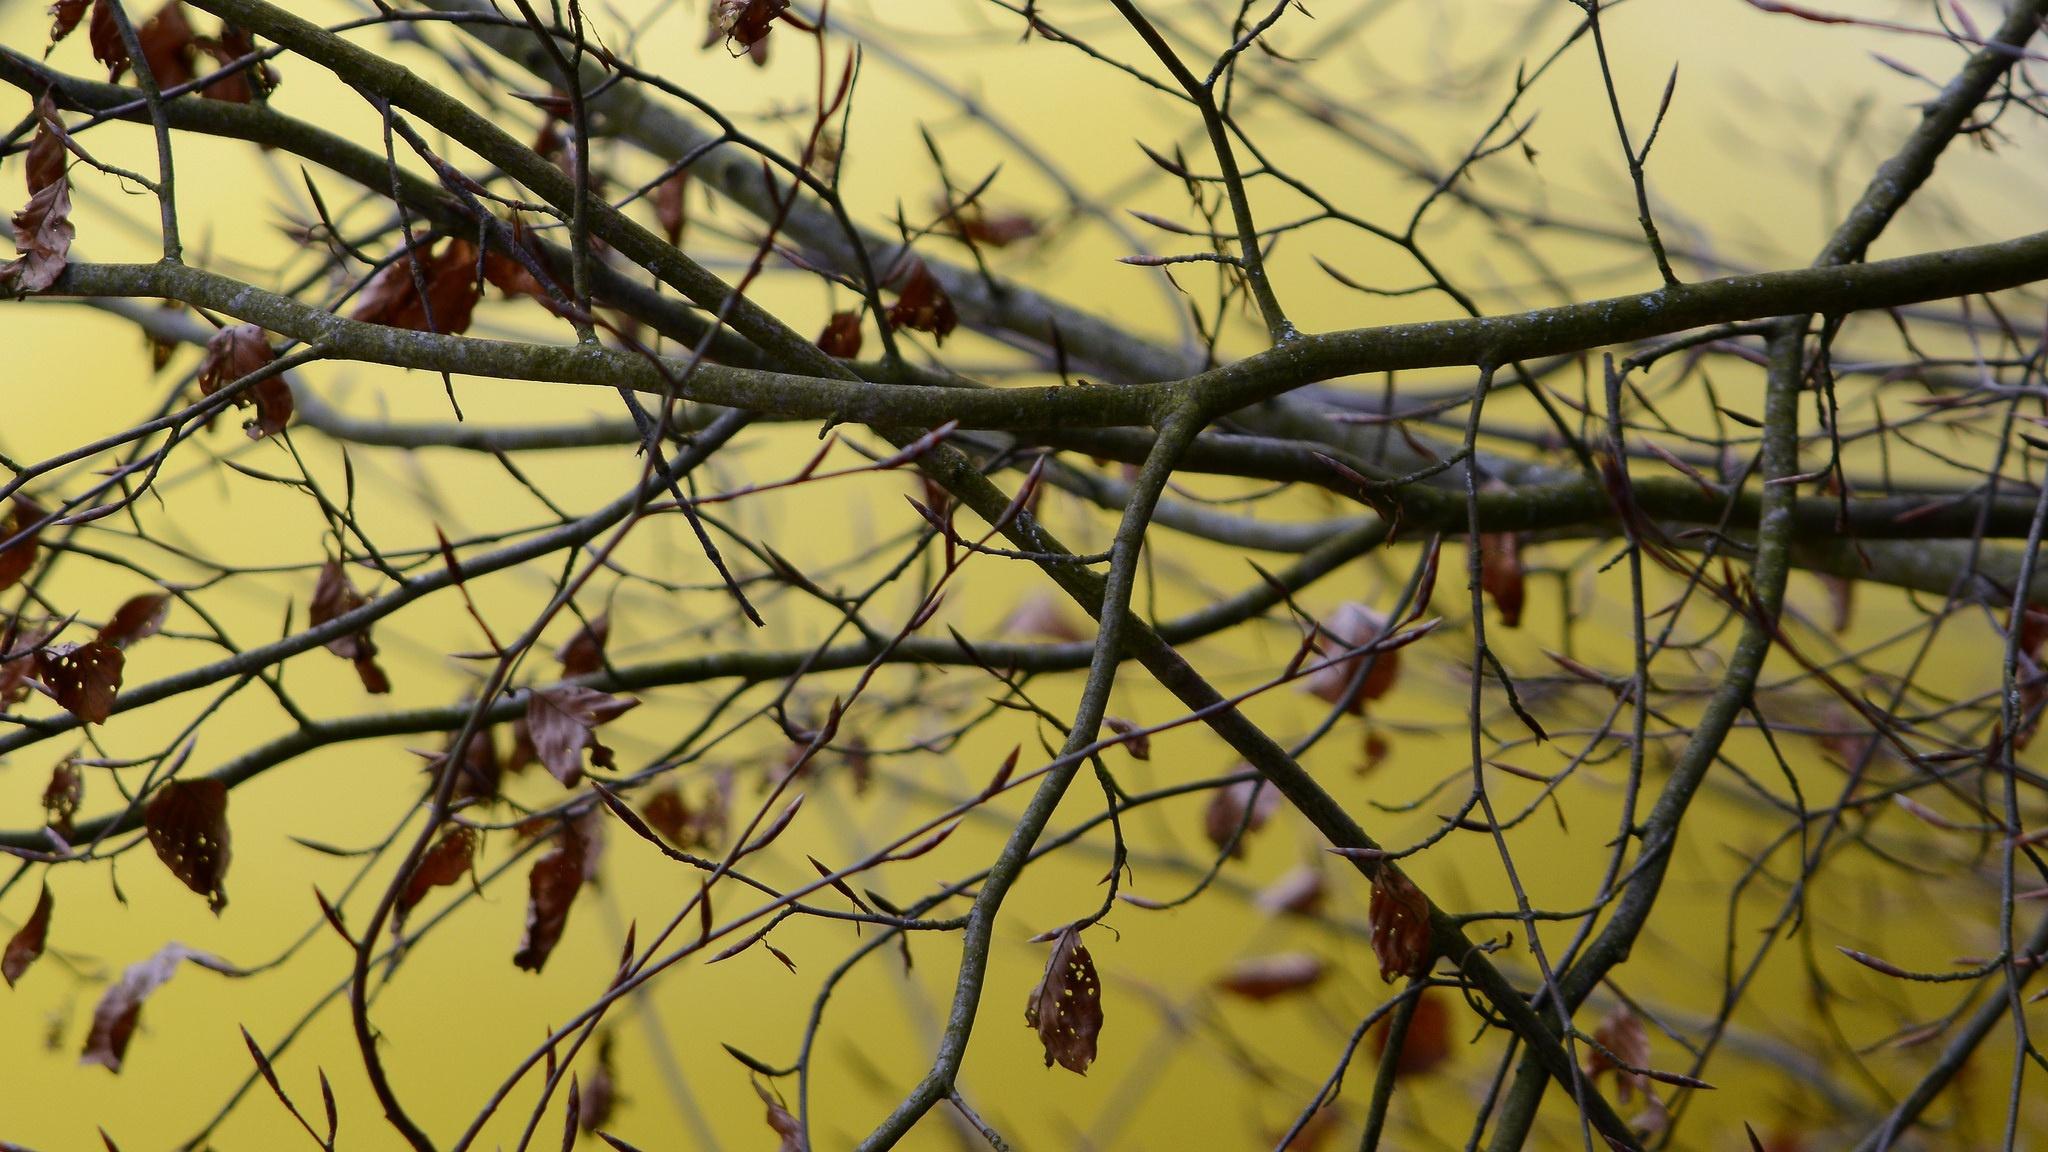 природа деревья ветки листья nature trees branches leaves  № 1275103 бесплатно